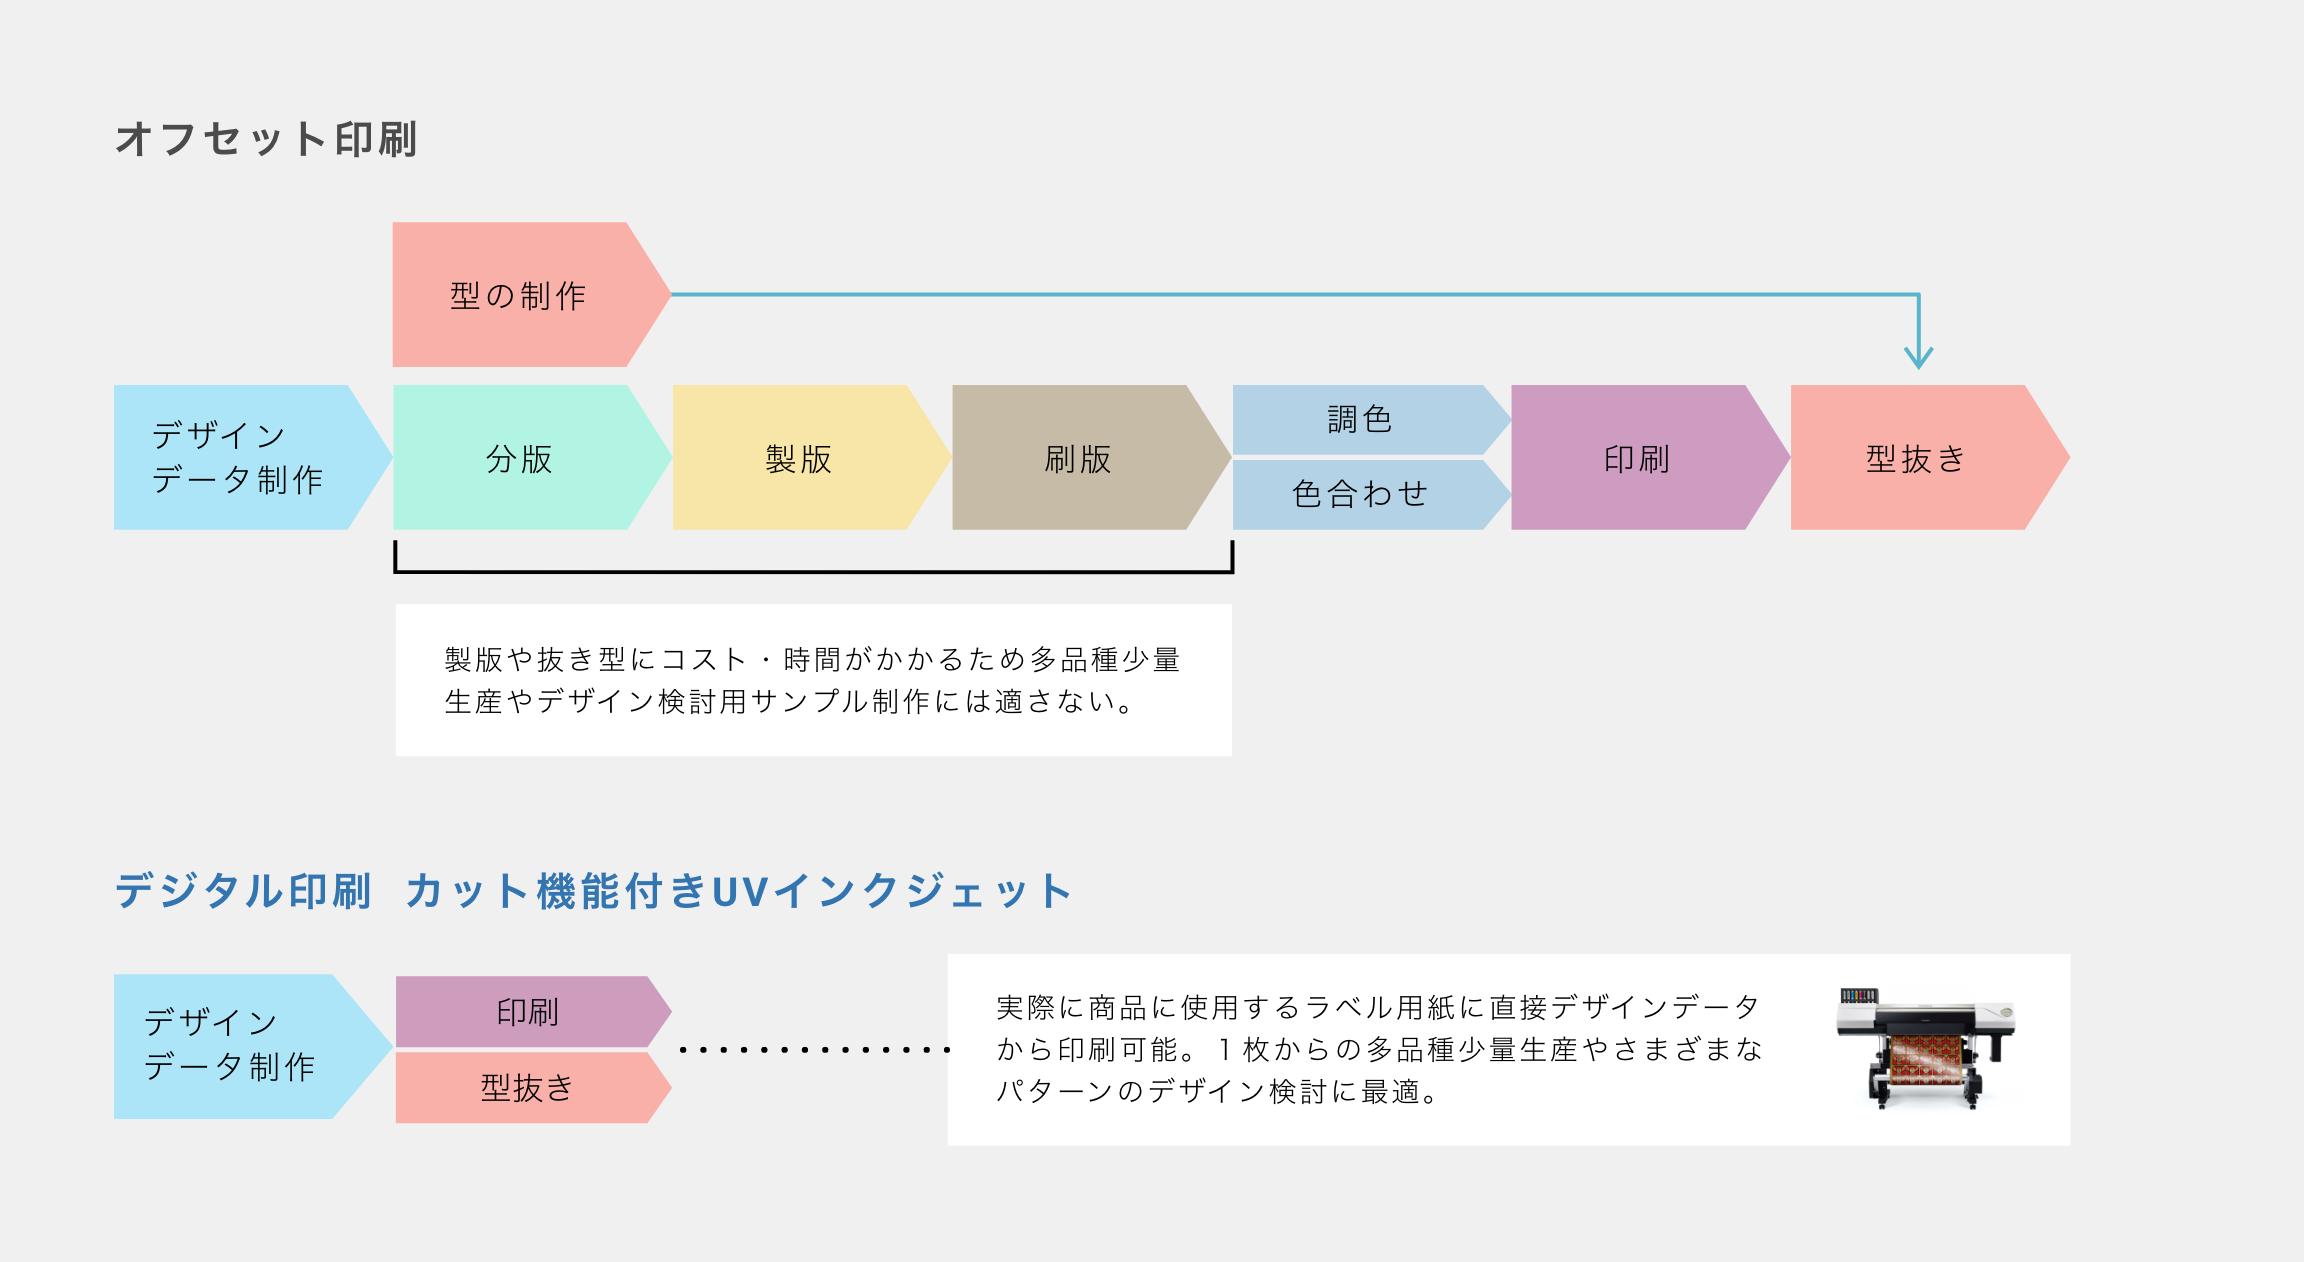 ラベルの印刷工程 インフォグラフィック